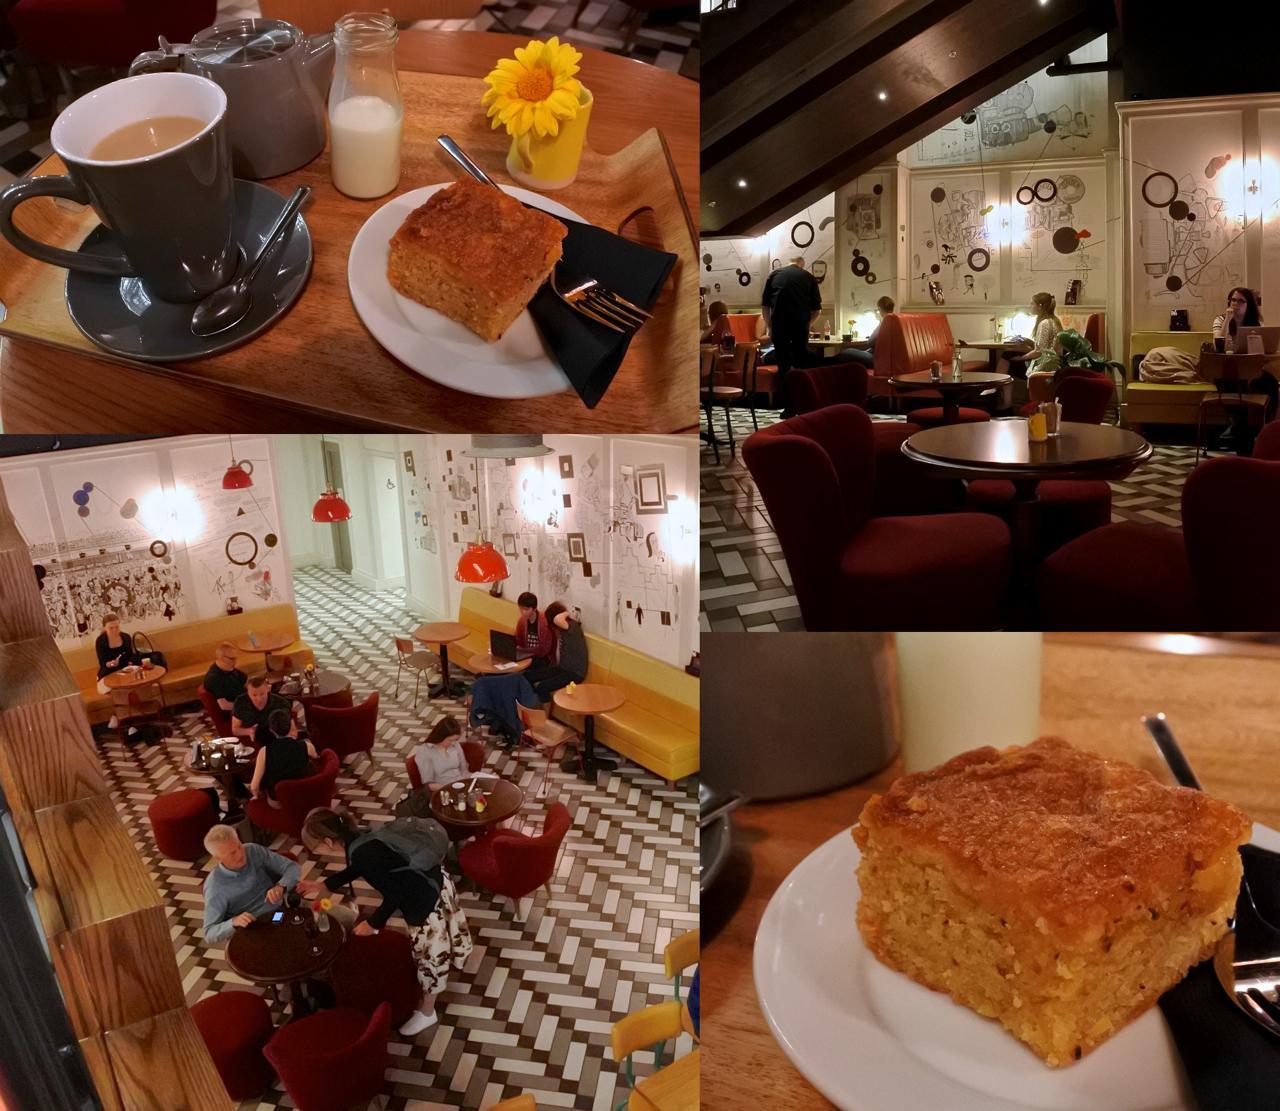 レモン&ローズマリー・オリーブオイル・ケーキ、甘さ控えめで美味しかったですよ ^^   ローズマリーの香りはあまりしなかったけど